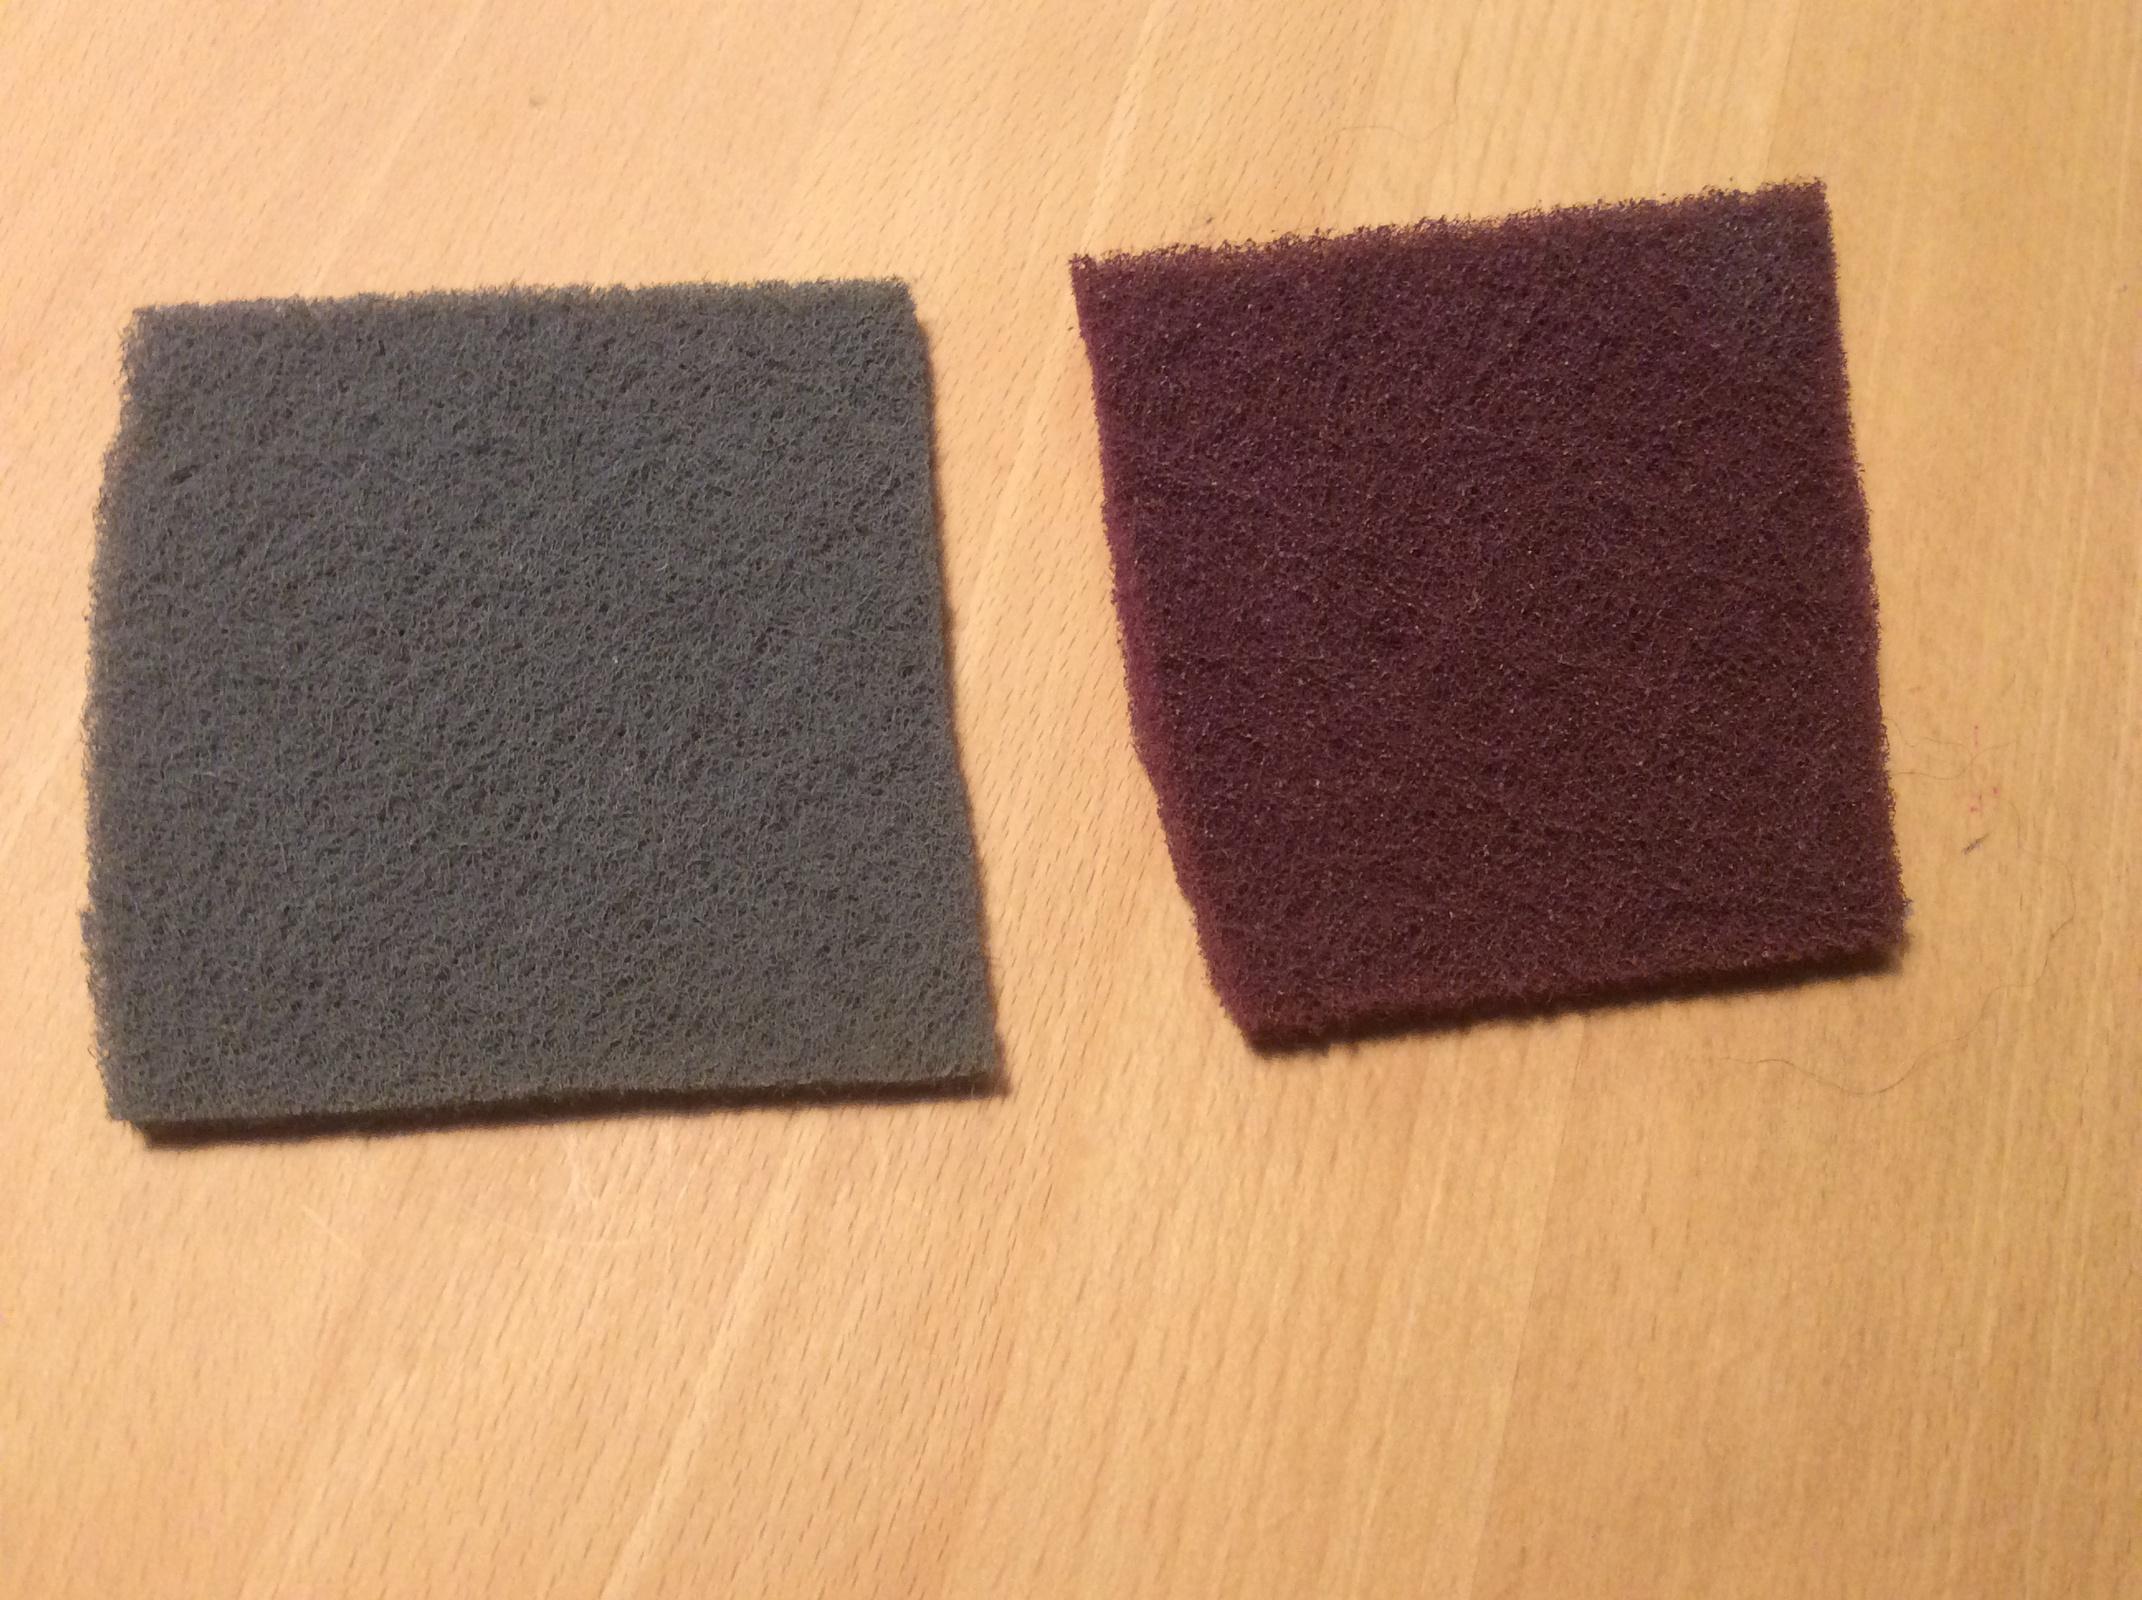 kratzer aus geb rstetem edelstahl entfernen unm glich. Black Bedroom Furniture Sets. Home Design Ideas